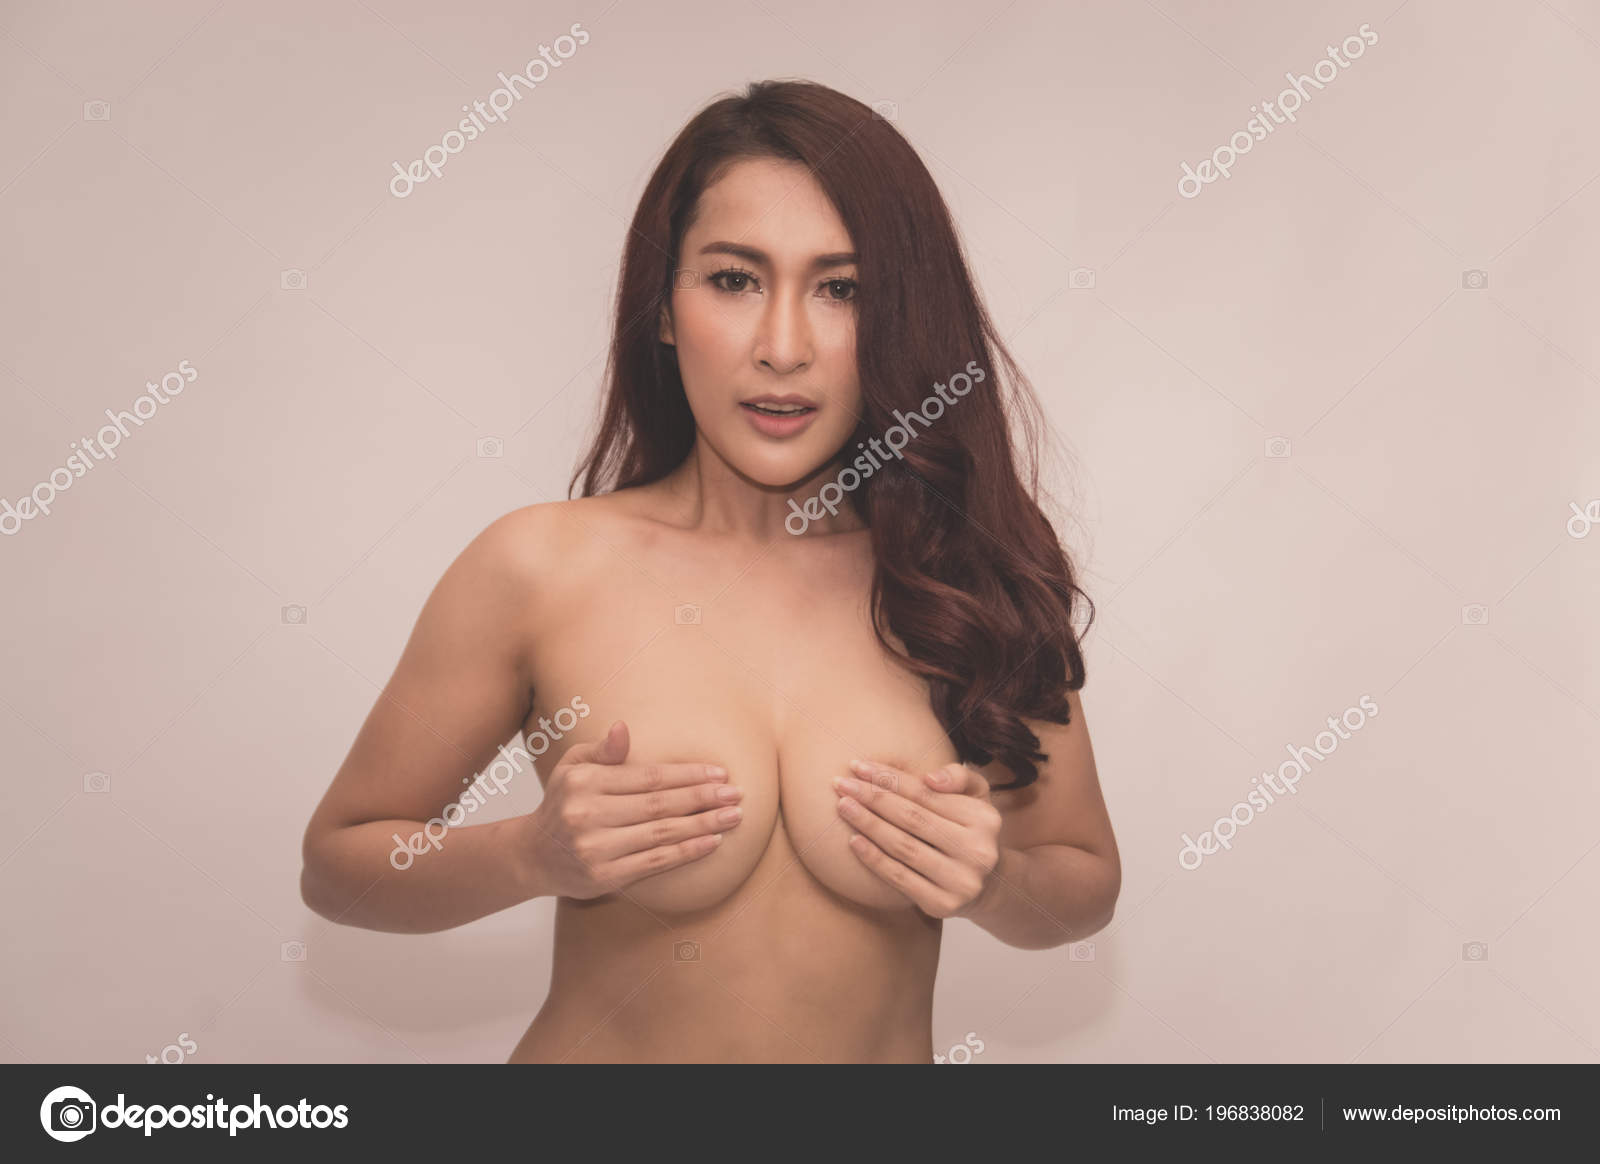 Vrouwen naakt foto